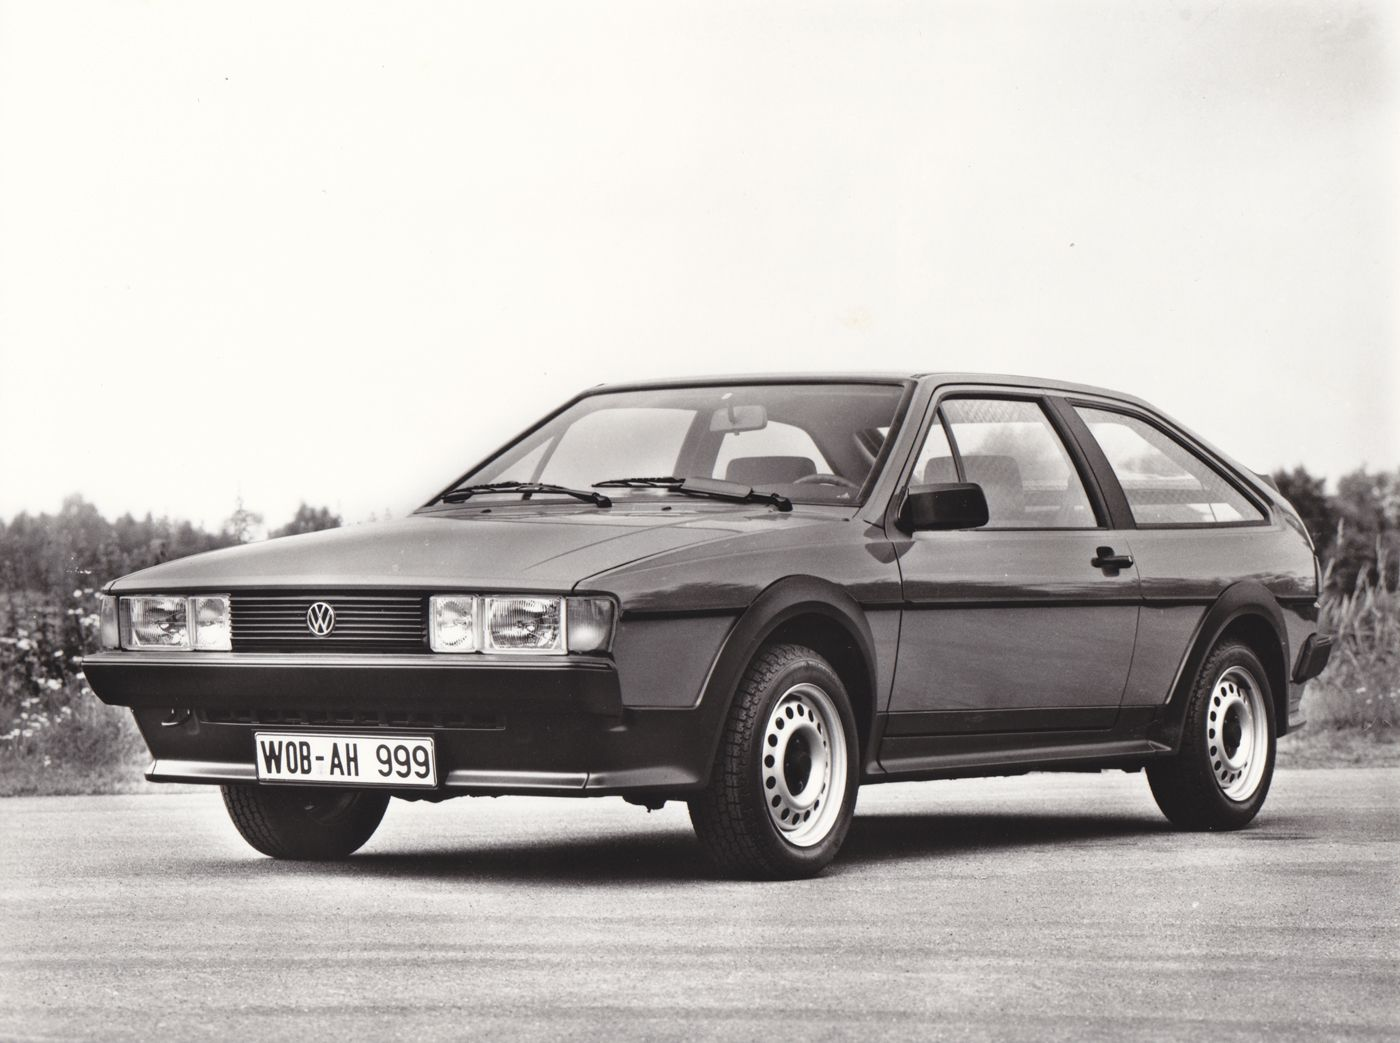 Volkswagen Scirocco GT 1985 Audi 100, Volkswagen, Audi